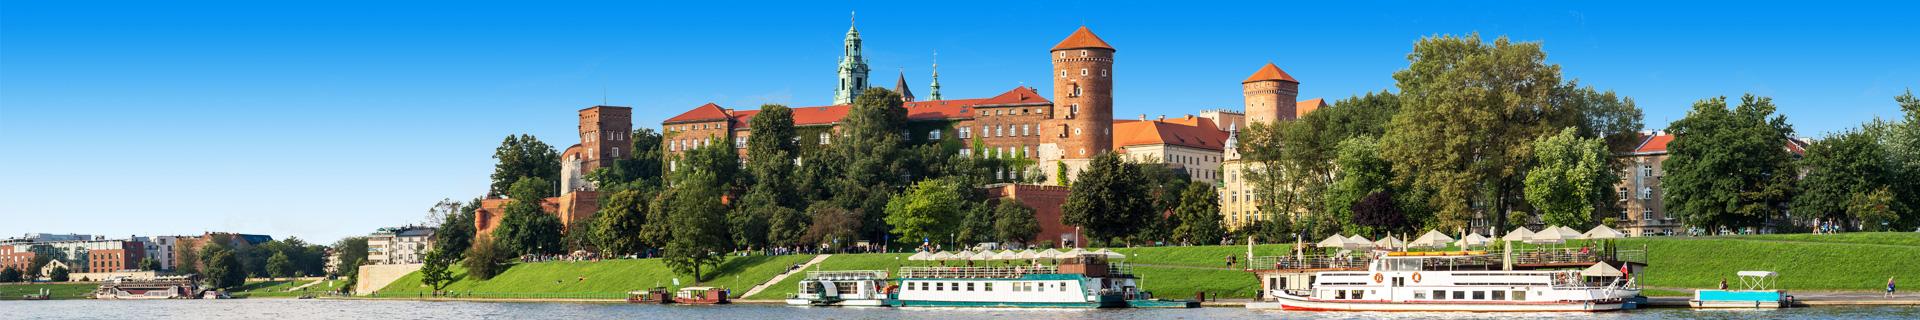 Uitzicht op gebouwen, een rivier en boot in Polen